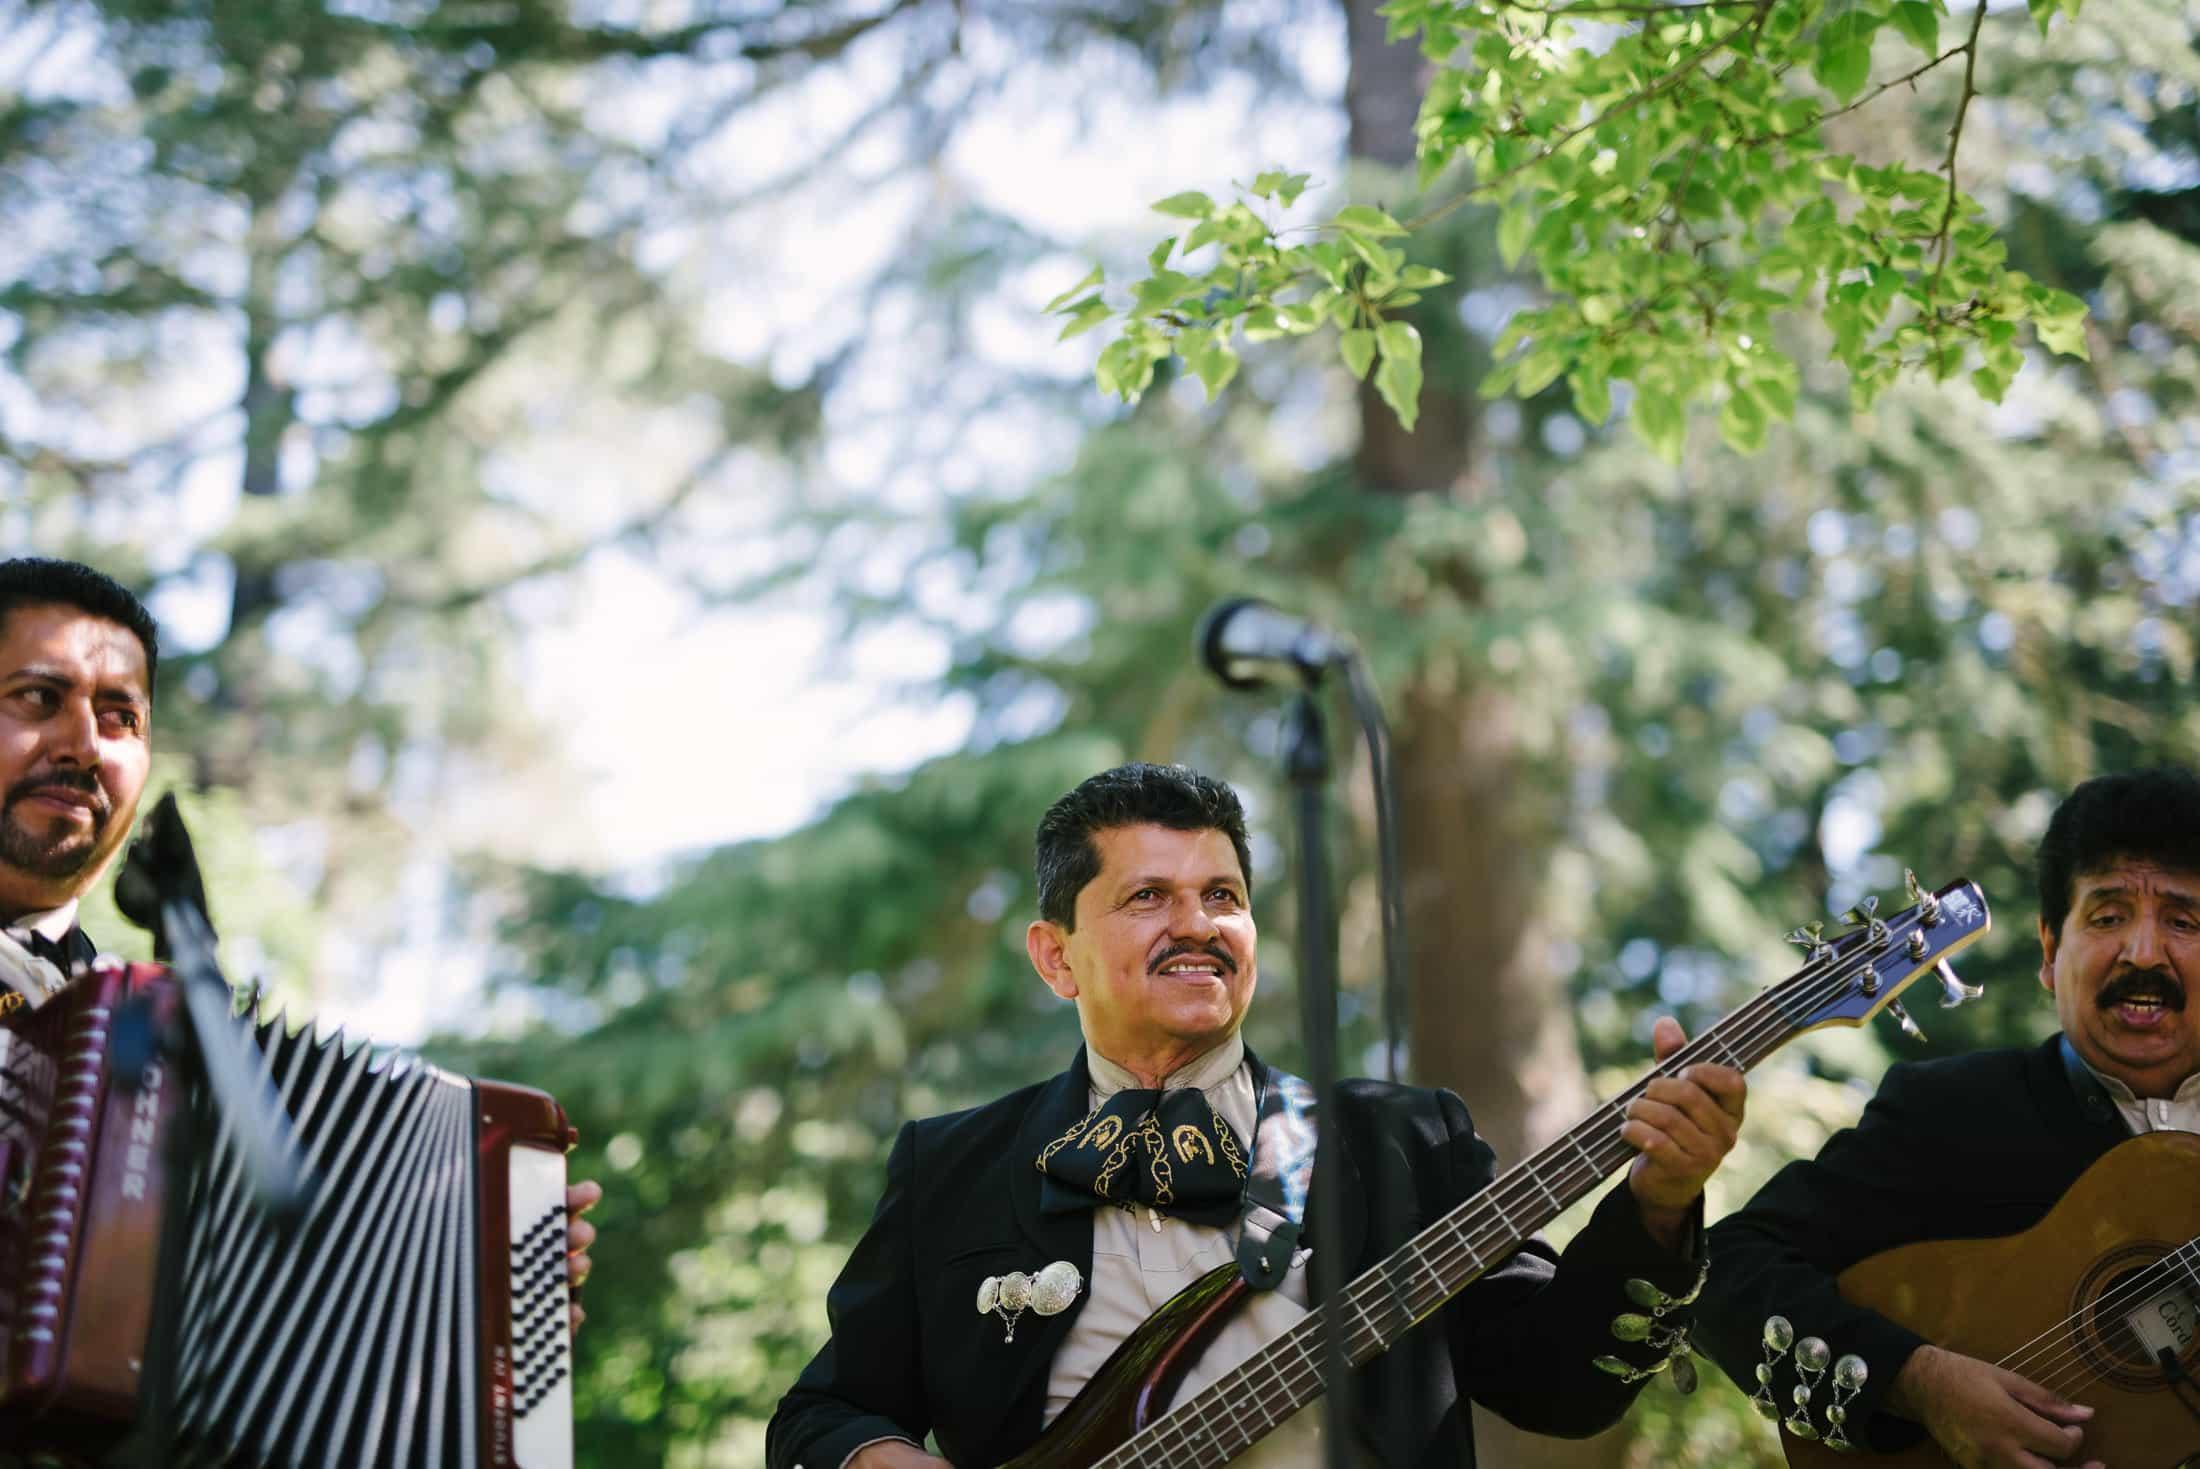 Hacienda de las Flores Wedding Mariachi Band